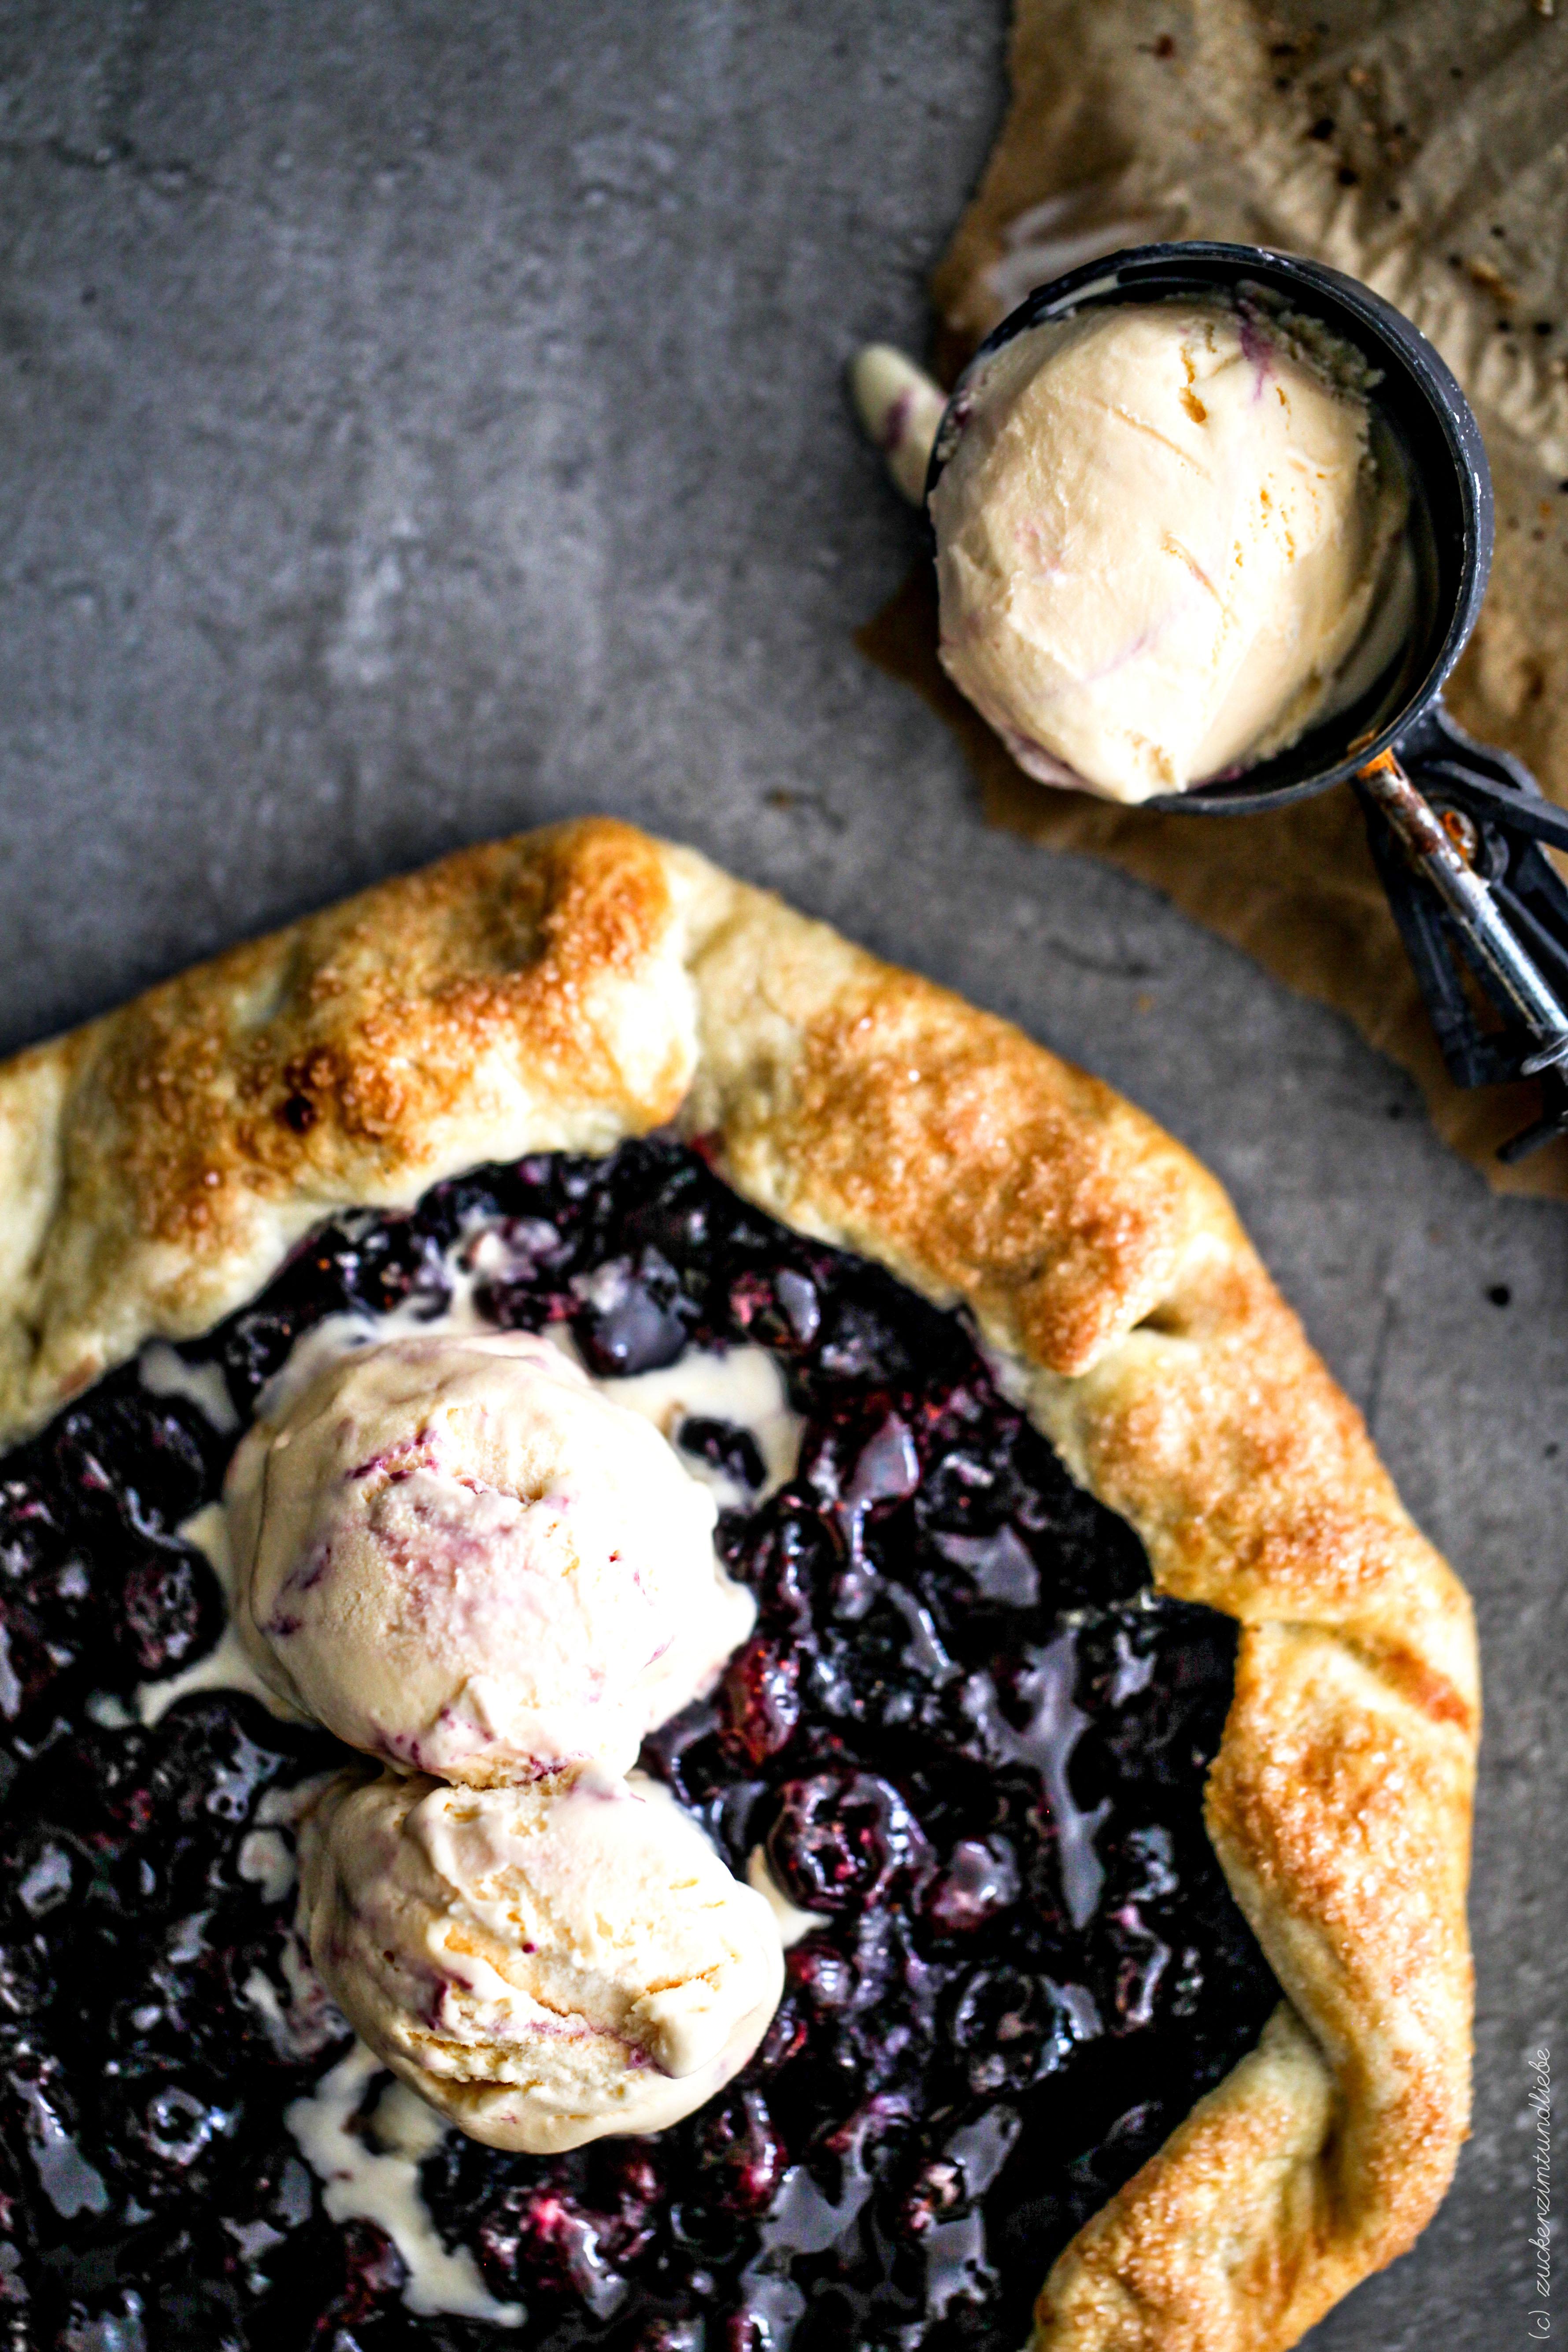 Leckeres Rezept Blaubeer Galette Blaubeertarte Eis Backrezept Foodblog Backblog Zuckerzimtundliebe 4